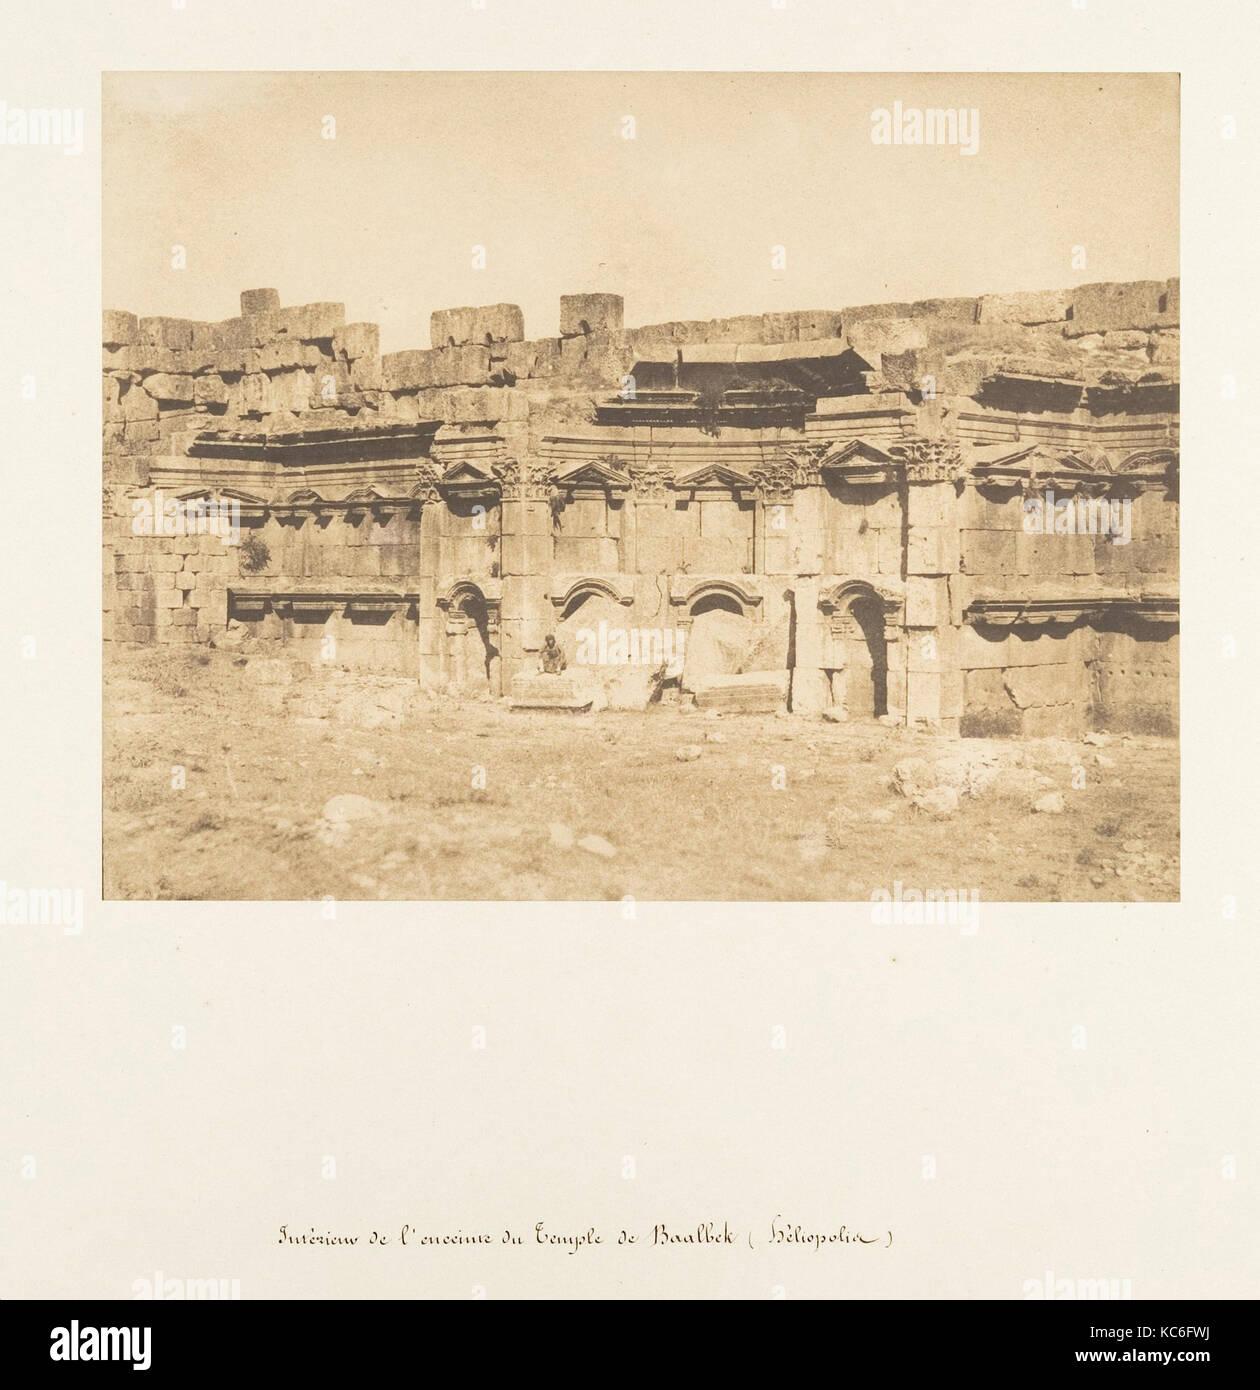 Intérieur de l'enceinte du Temple de Baalbek (héliopolis), Maxime Du Camp, 15. September 1850 Stockbild